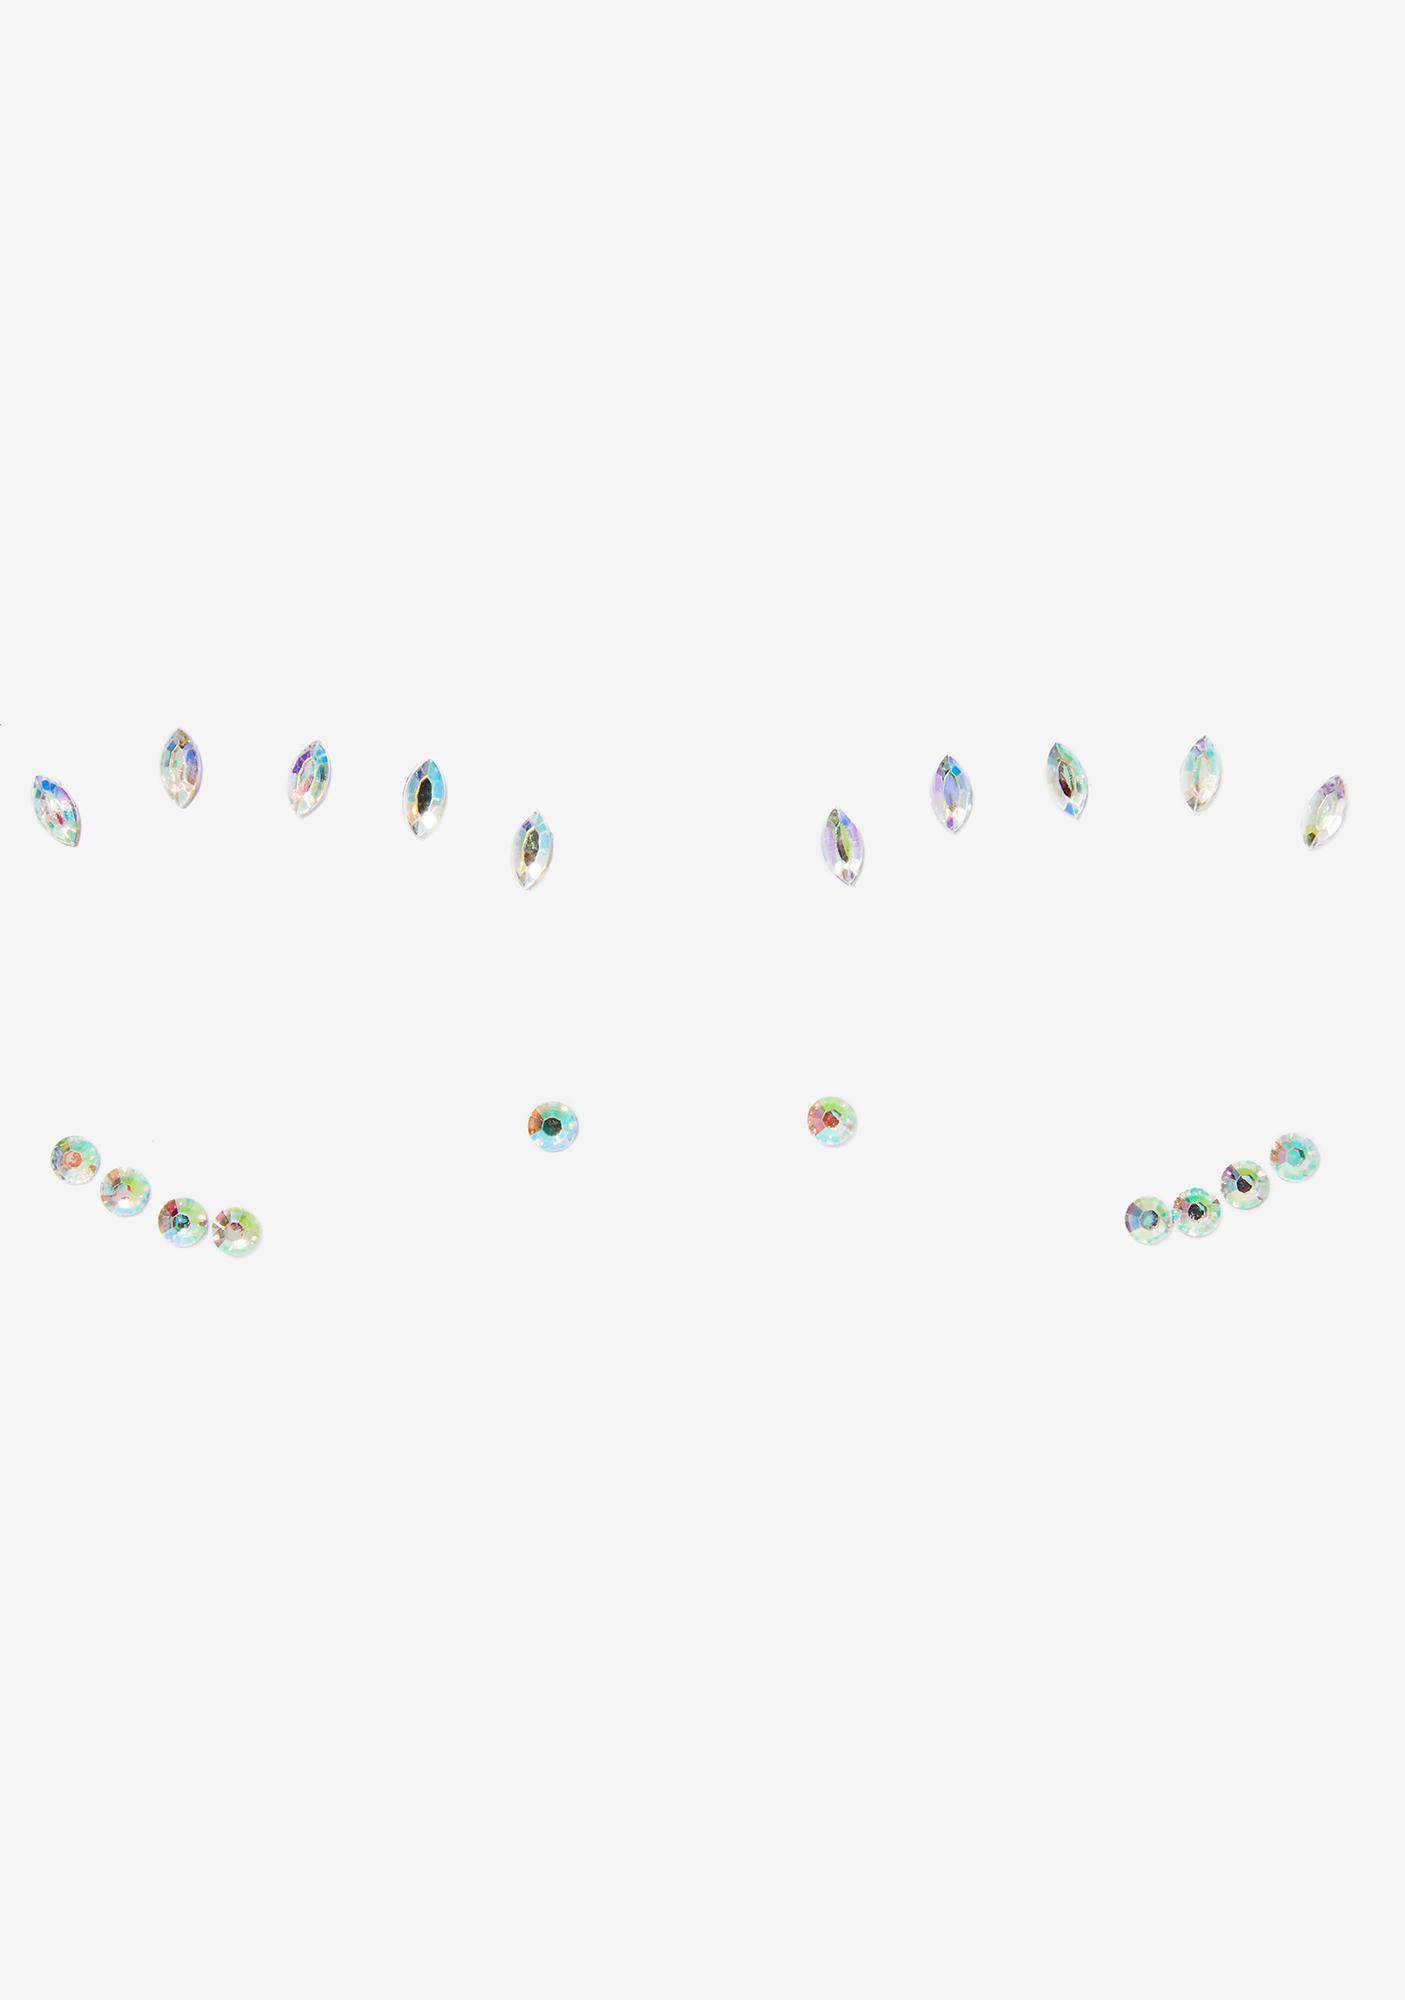 Lunautics Glam Cosmic Face Crystals